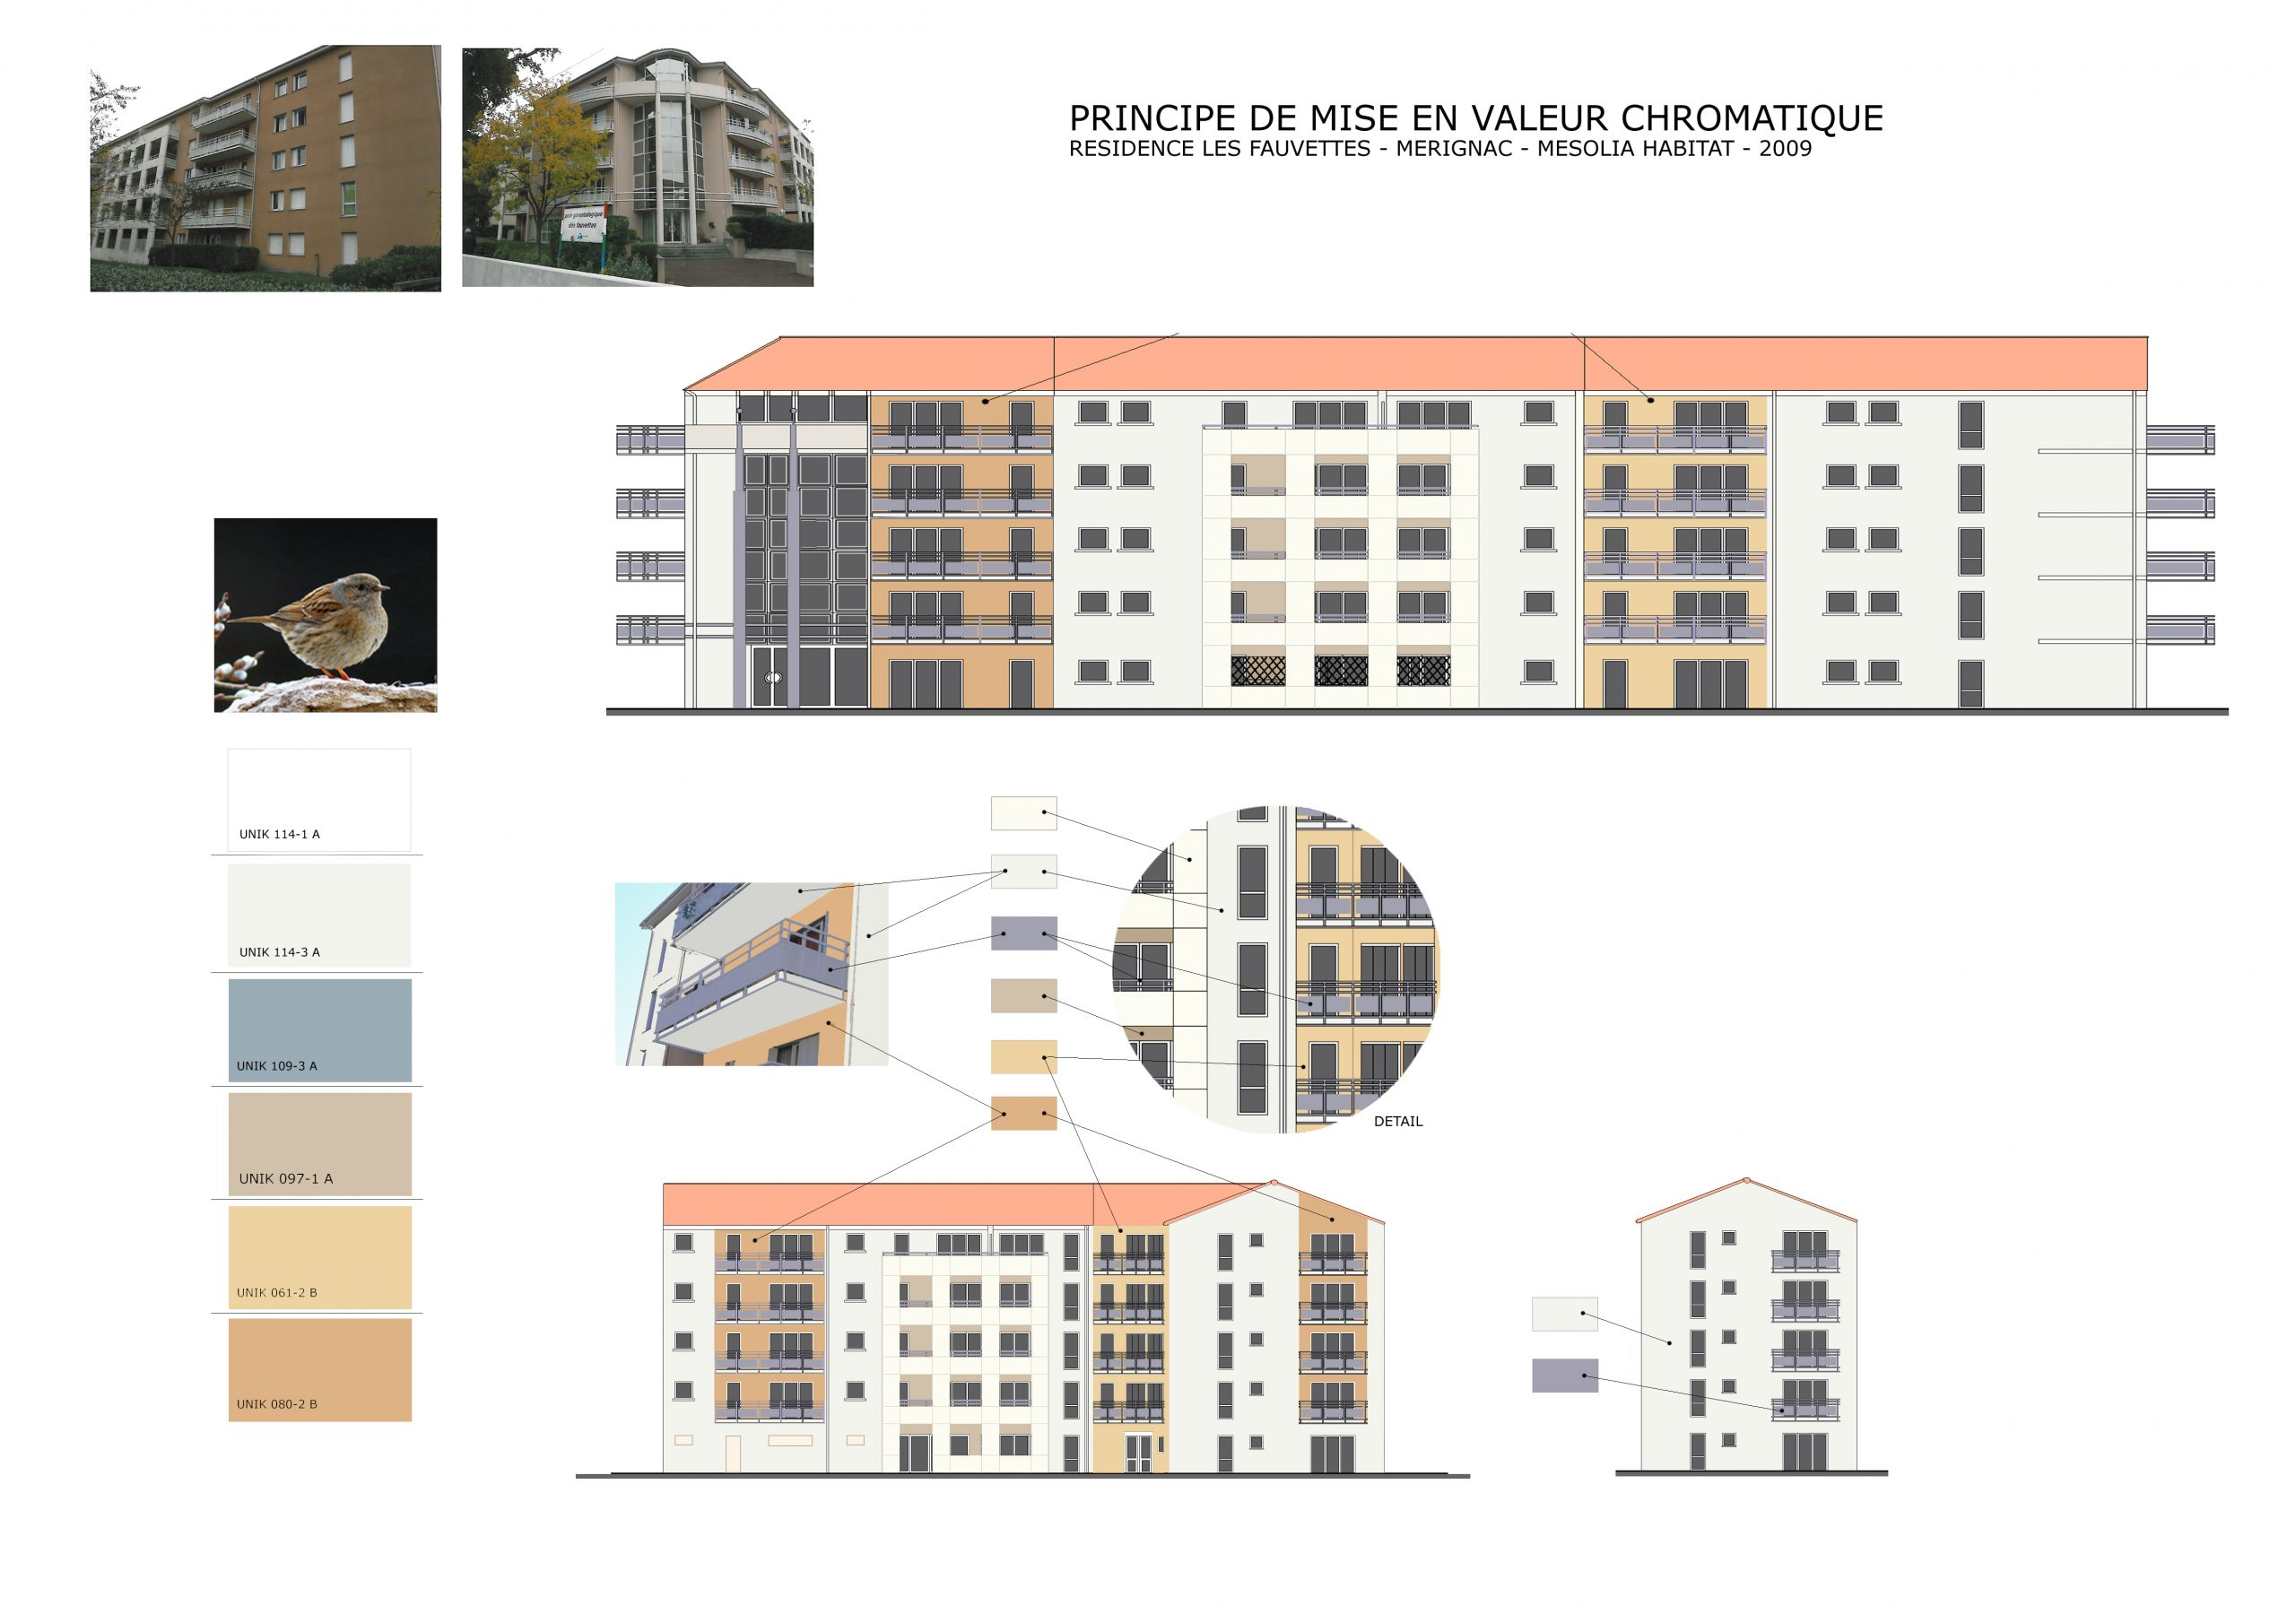 Résidence  Les fauvettes Mérignac- coloration de façades